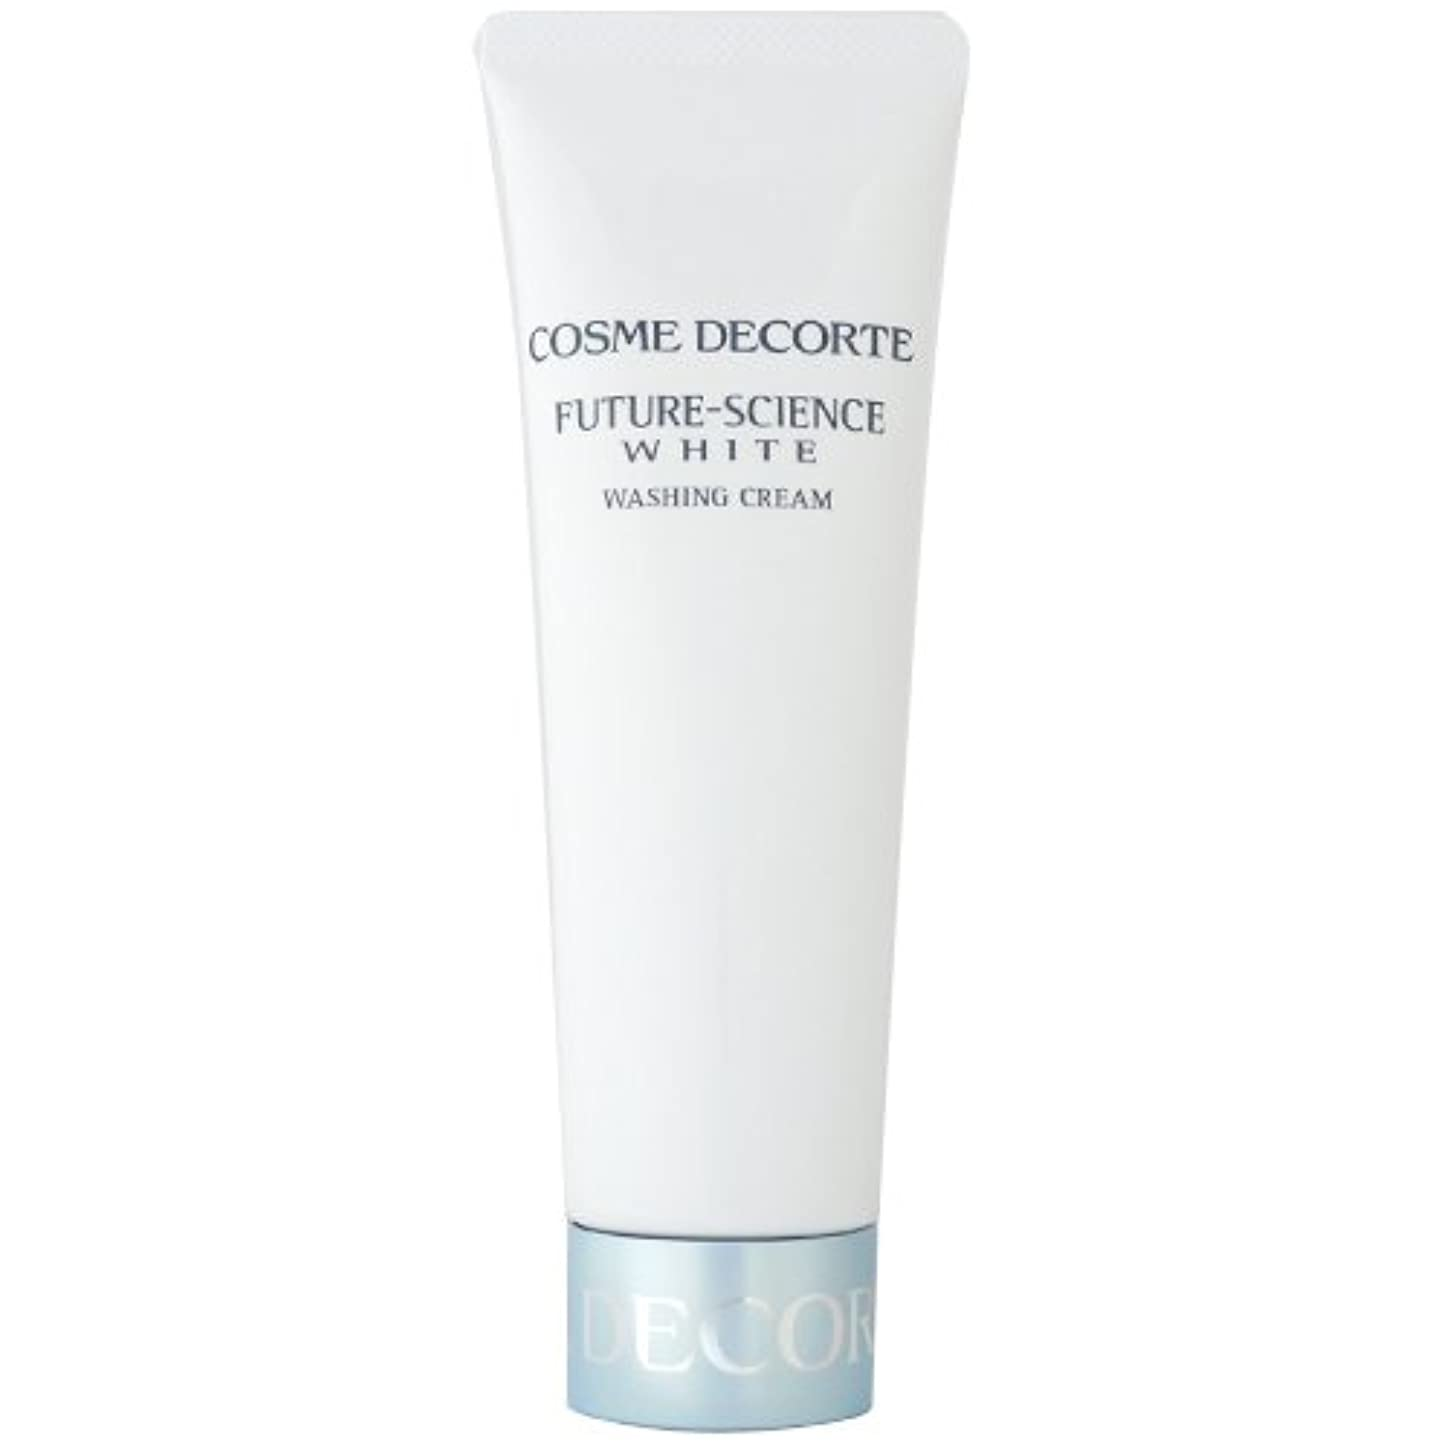 空虚壮大なに関してコーセー コスメデコルテ COSME DECORTE フューチャーサイエンス ホワイト ウォッシング クリーム 130g